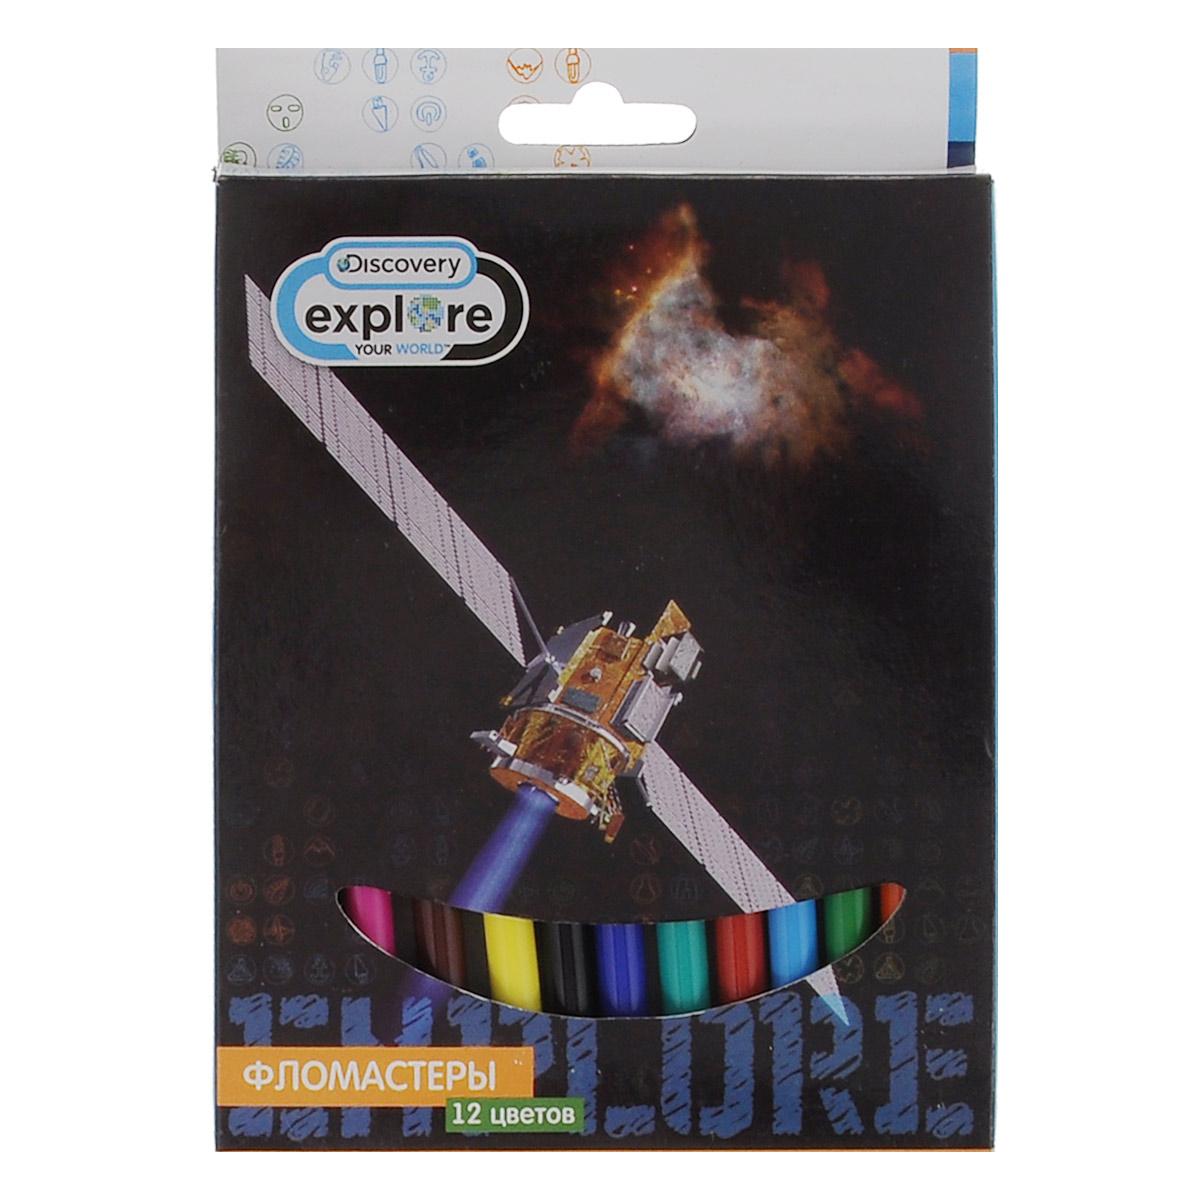 Фломастеры Action Discovery, 12 цветовDV-AWP105-12_СпутникФломастеры Discovery, предназначенные для рисования и раскрашивания, помогут вашему малышу создать неповторимые яркие картинки. Набор включает в себя 12 фломастеров ярких насыщенных цветов в разноцветных корпусах. Специальные чернила на водной основе легко смываются с кожи и отстирываются с большинства тканей. Корпус фломастеров изготовлен из полипропилена, а колпачок имеет специальные прорези, что обеспечивает вентилирование, еще больше увеличивает срок службы чернил и предотвращает их преждевременное высыхание. Не требуют особых условий хранения.Товар предназначен для детей старше трех лет.